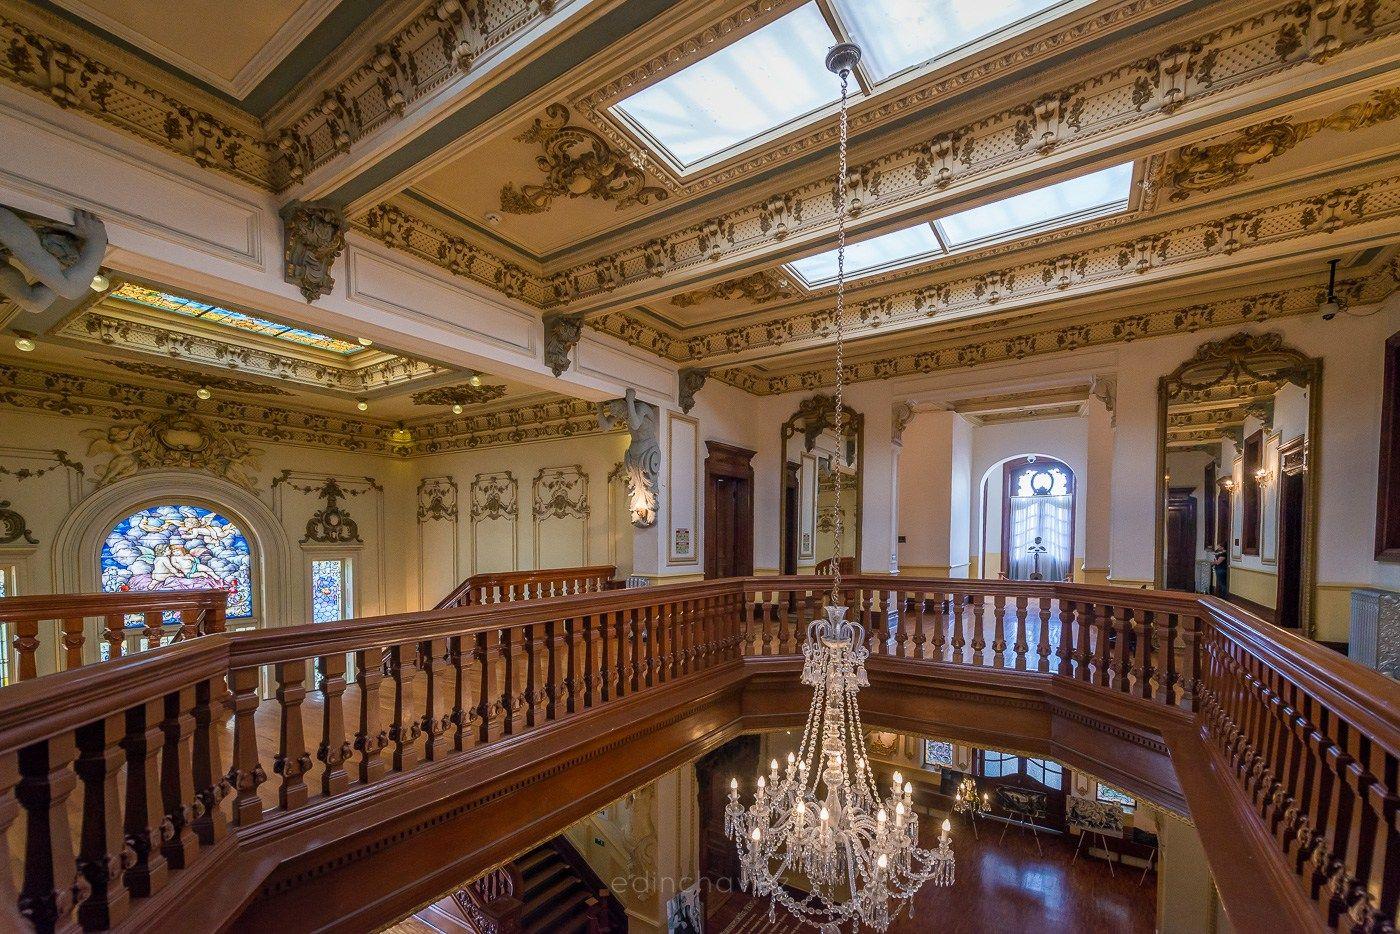 La inspiración para construir la Quinta Gameros surgió en 1904.